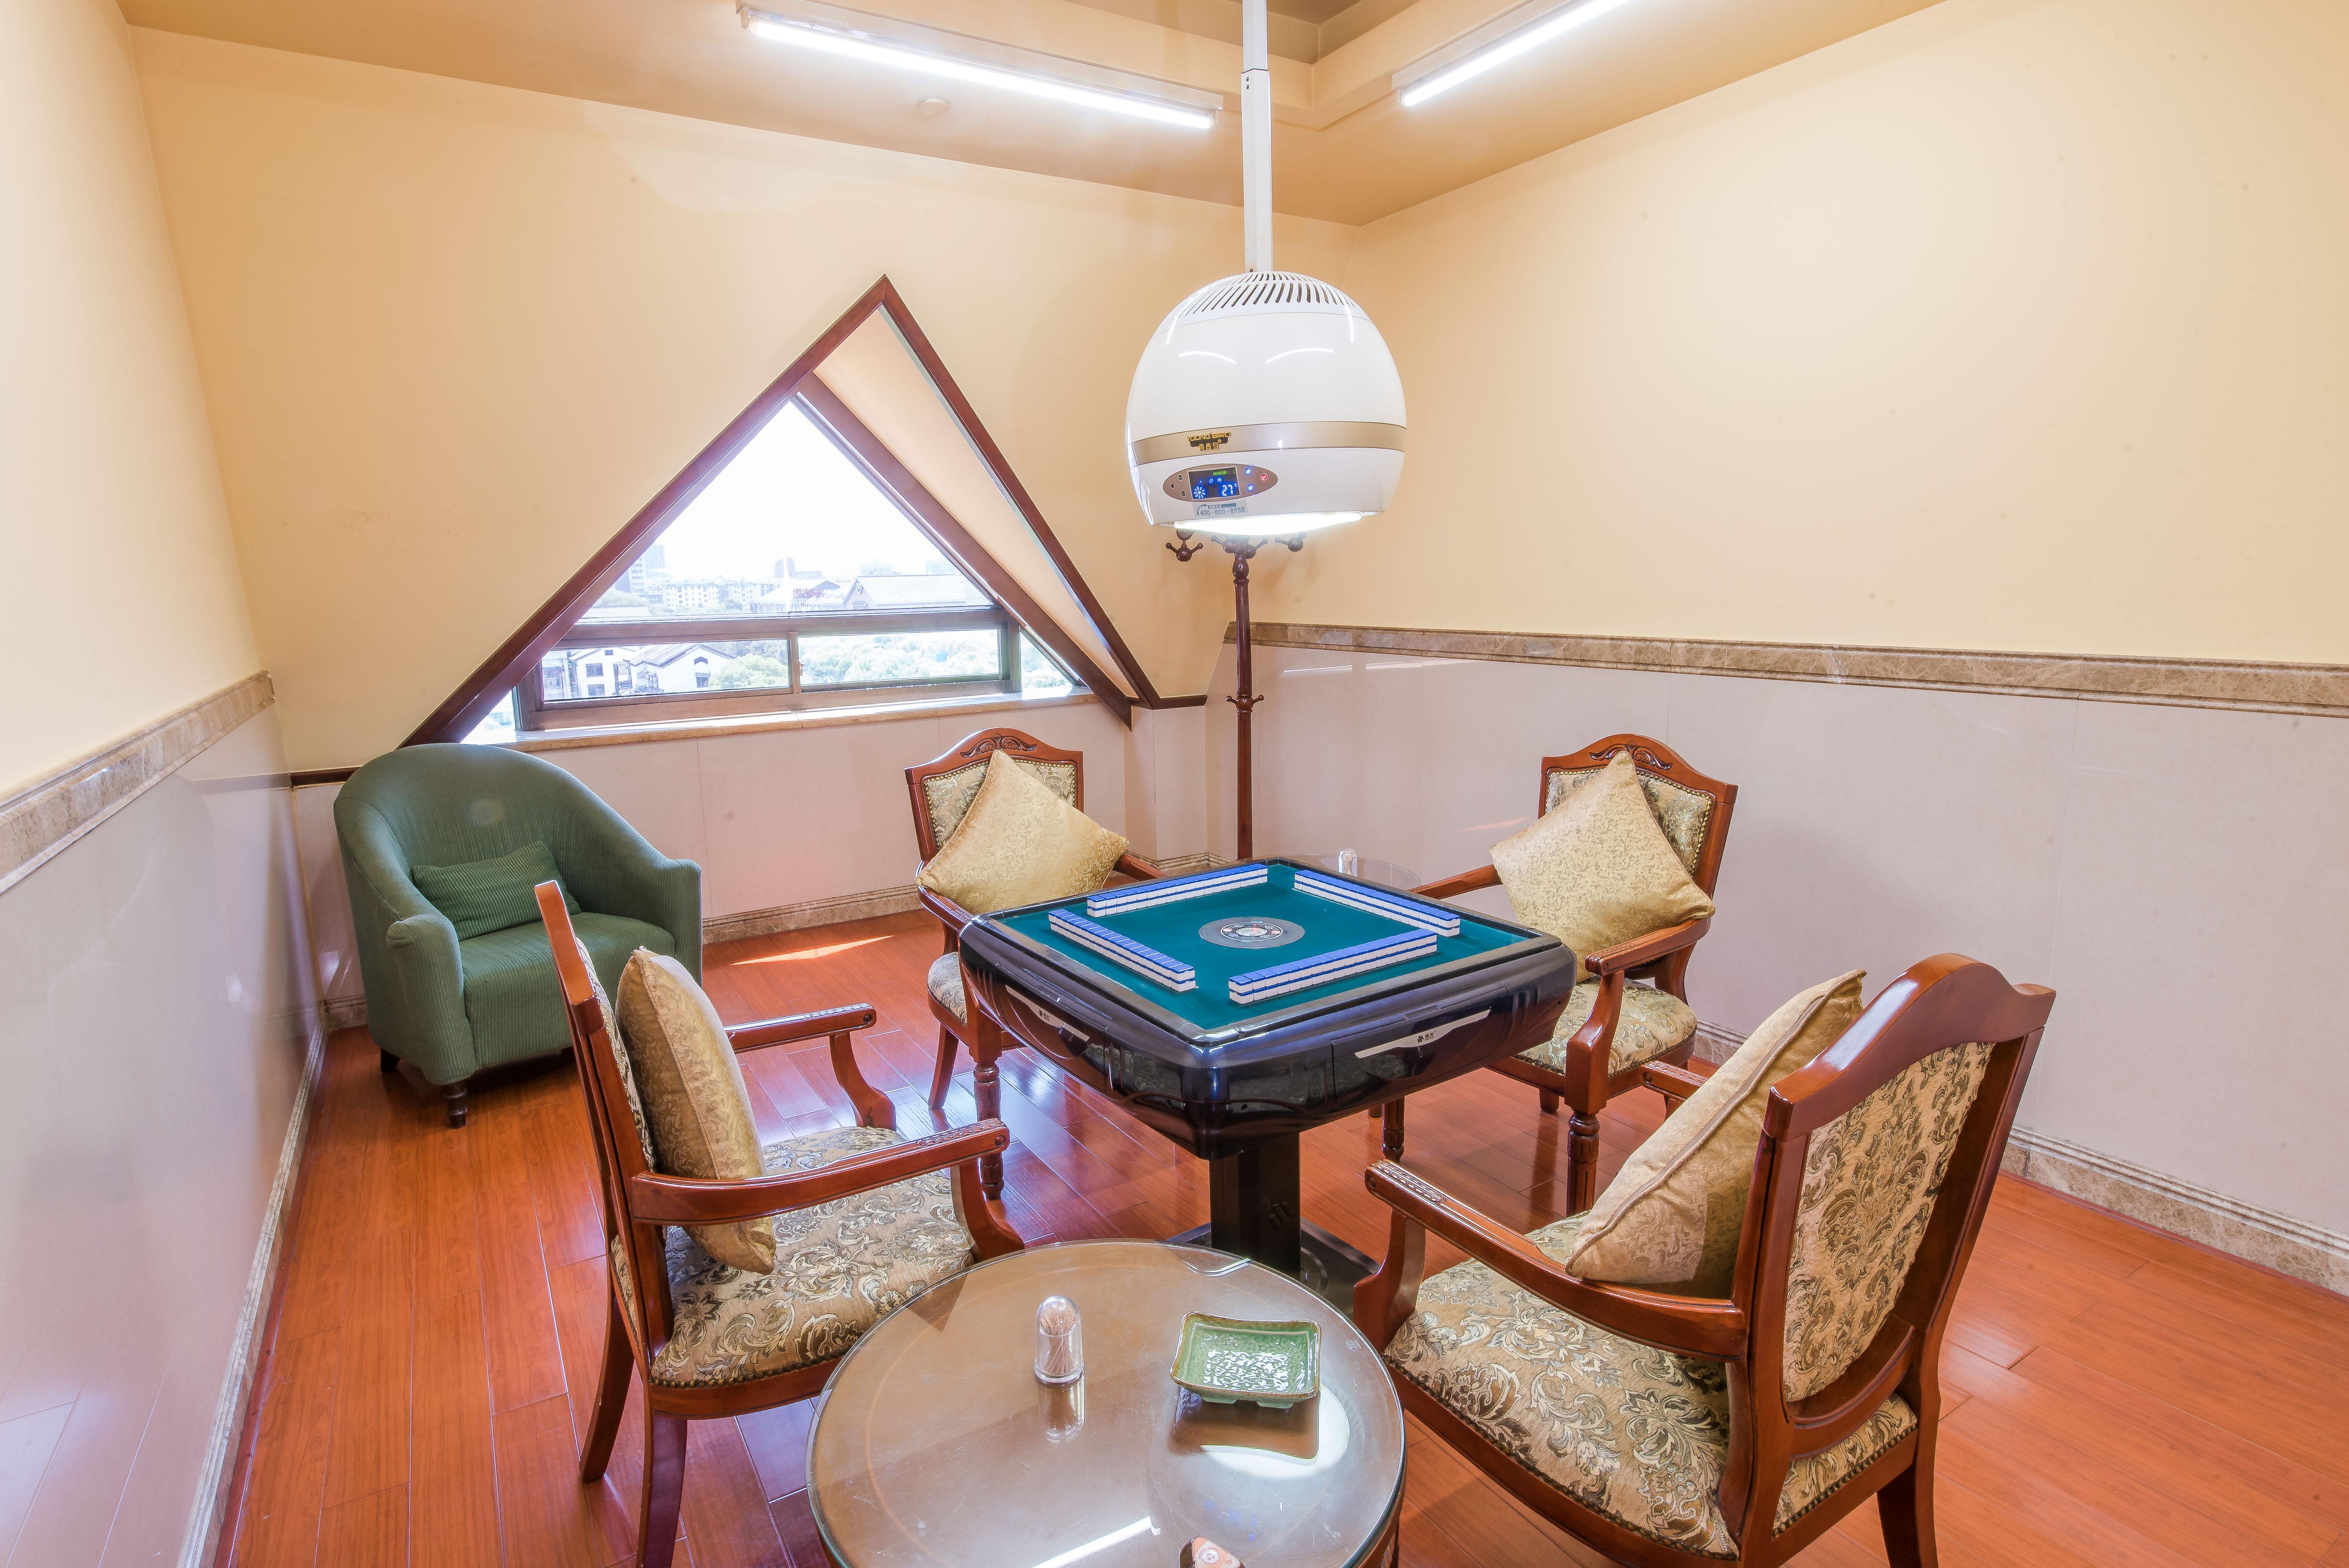 咸亨城棋牌室